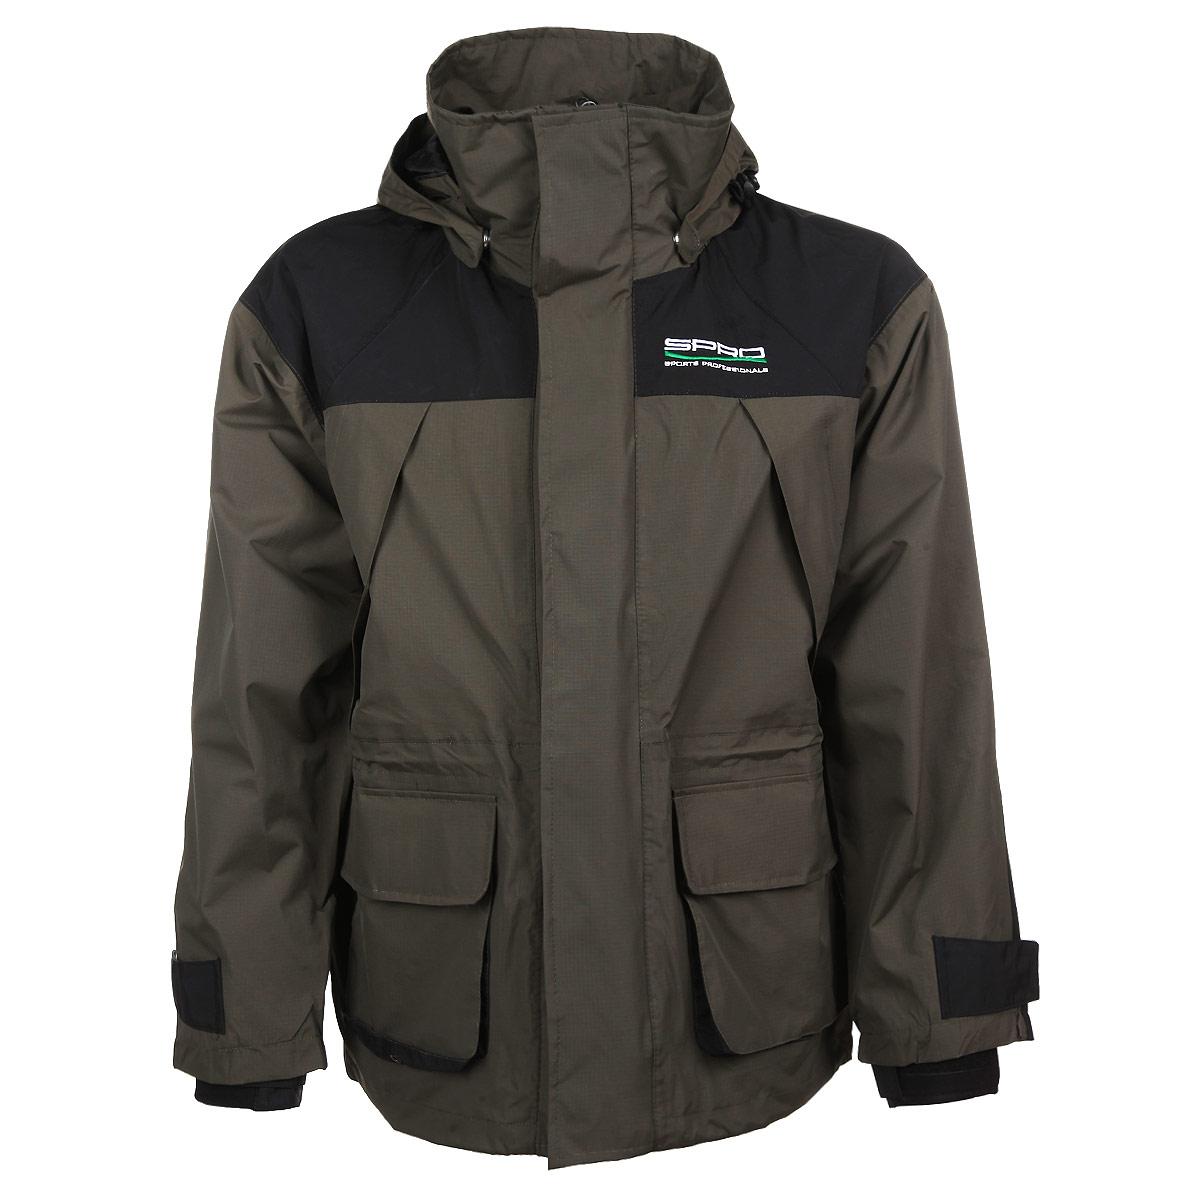 Куртка мужская рыболовная SPRO, цвет: темно-зеленый, черный. 0044110. Размер XXXL (56-58)0044110Мужская куртка SPRO - идеальный вариант для рыбалки. Куртка выполнена из плотной ветро-влагозащитной ткани на сетчатой подкладке. Куртка с воротником-стойкой и капюшоном застегивается на пластиковую застежку-молнию и дополнительно на ветрозащитный клапан на липучках. Капюшон крепится к куртке при помощи кнопок и дополнен скрытой резинкой на стопперах. При необходимости капюшон можно отстегнуть. Спереди модель дополнена двумя вместительными накладными карманами с клапанами на липучка и двумя скрытыми нагрудными карманами на молниях. На внутренней стороне - два потайных кармана на молниях. Куртка имеет скрытую кулиску на талии. Рукава оснащены вшитыми эластичными манжетами, защищающими от продувания и регулируются при помощи хлястиков на липучках. Низ модели дополнен скрытой резинкой на стопперах. Такая куртка обеспечит вам надежную защиту, а также подарит тепло и комфорт в любой ситуации.